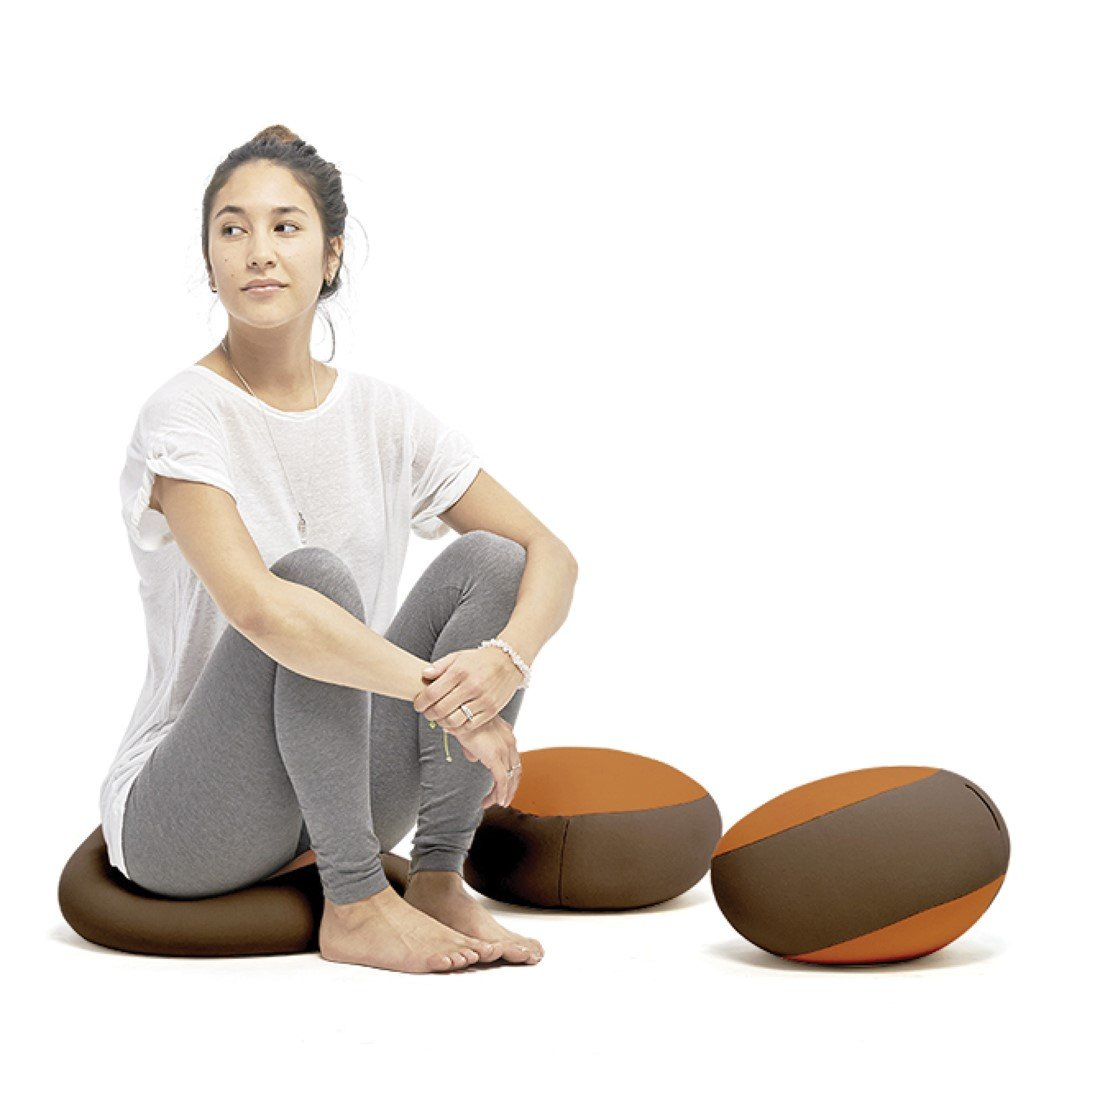 Terapy - RINGO Relax Indoor Yoga- und Meditations- Sitzkissen, 20x20cm, braun / Orange